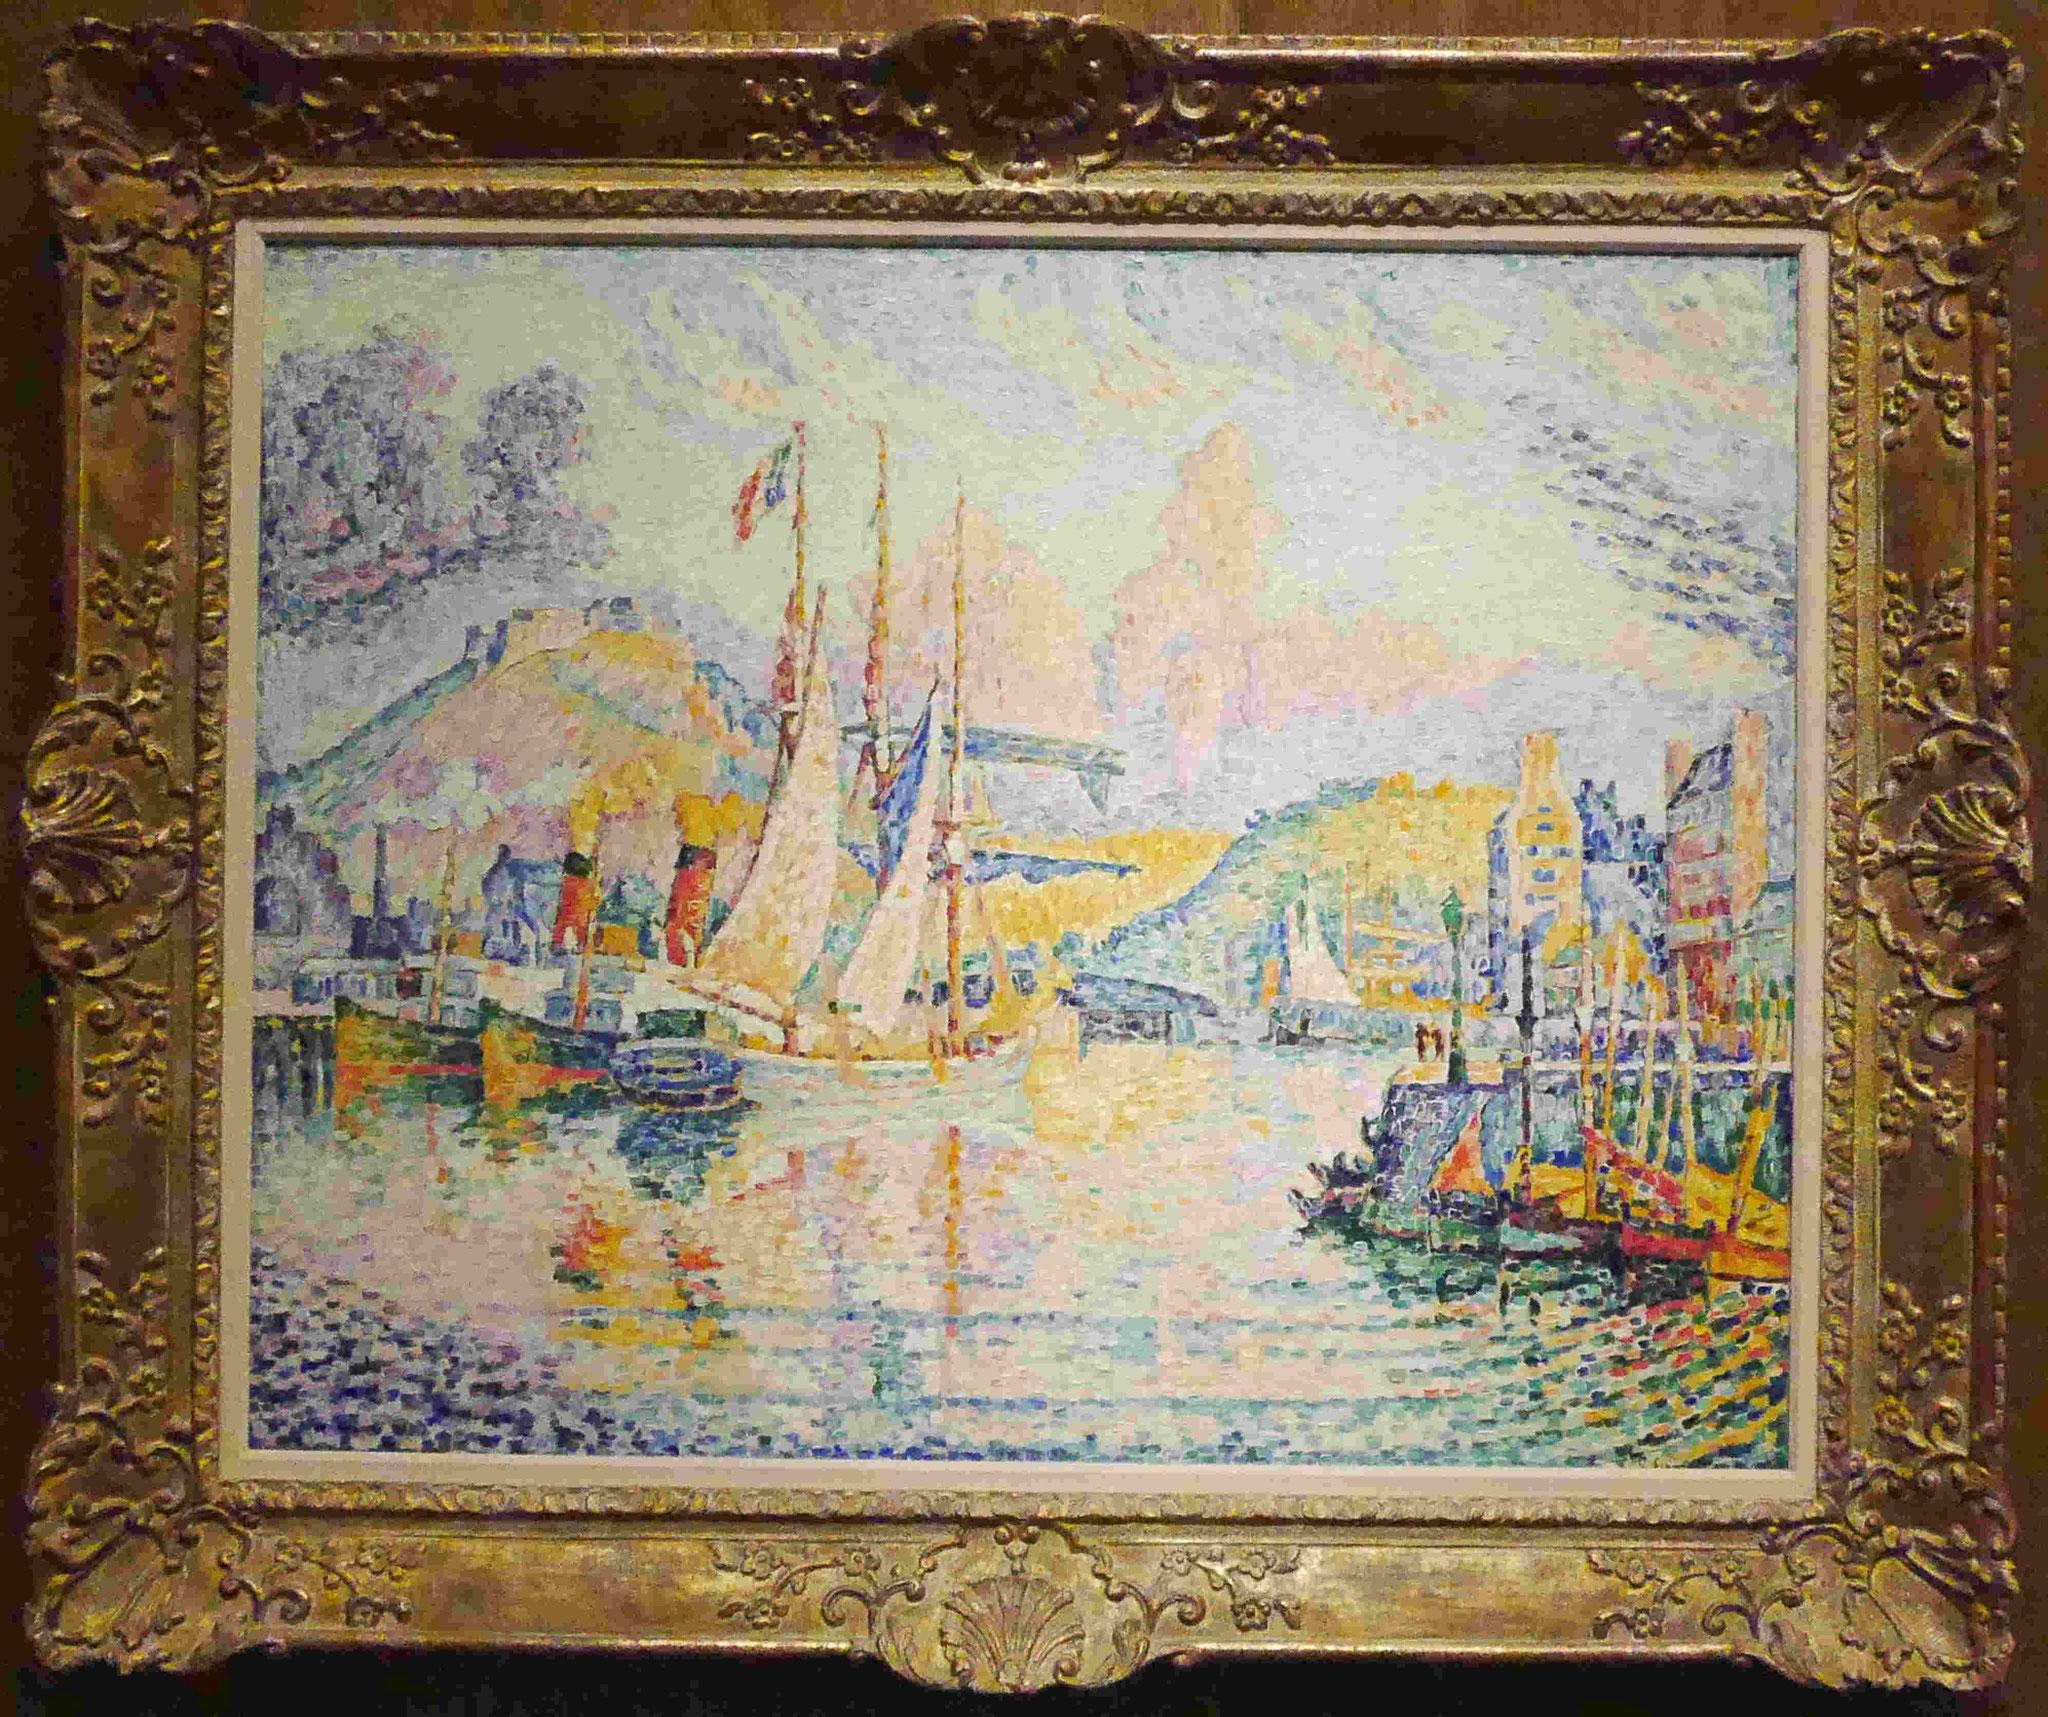 Paul Signac, Musée des Beaux-Arts, Montreal, Kanada